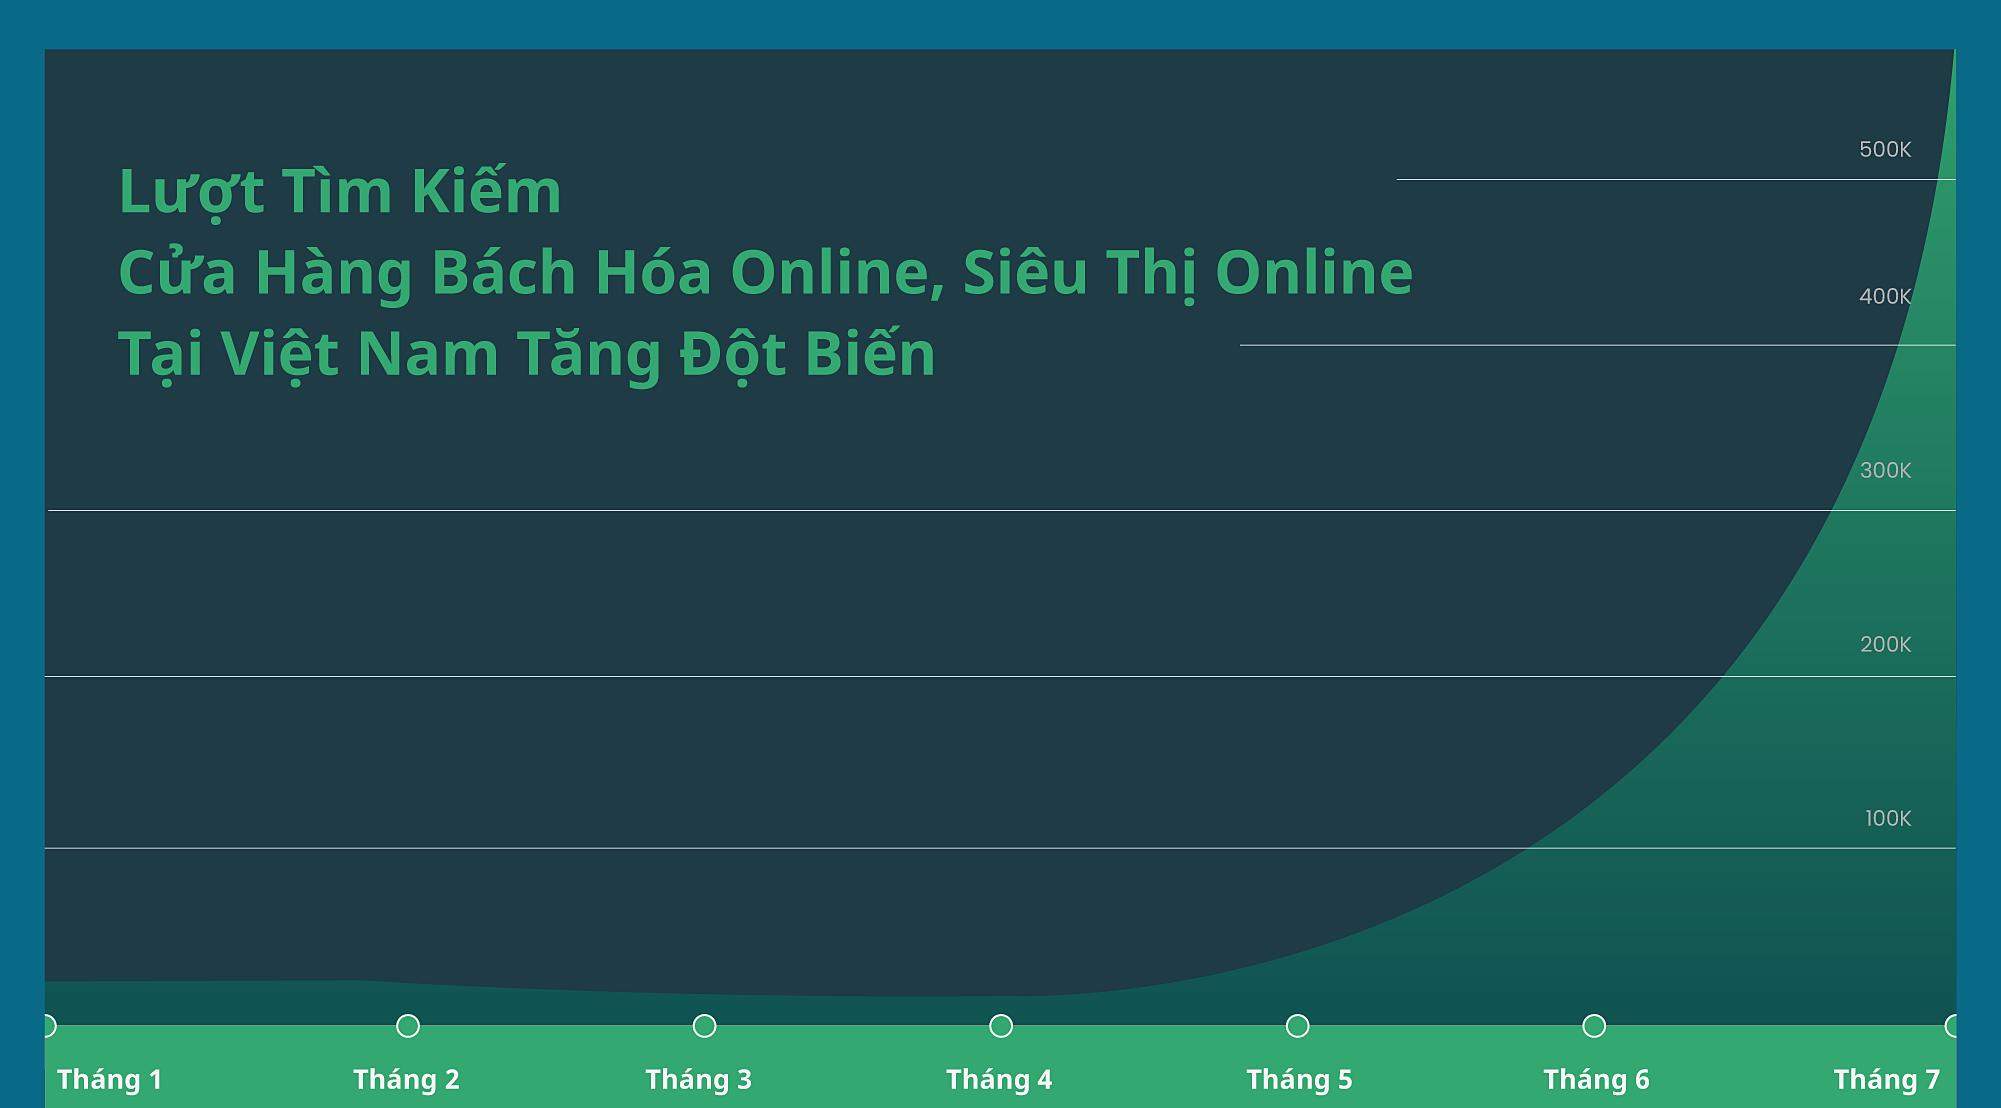 Thống kê trong 7 tháng đầu 2021. Dữ liệu và đồ họa: iPrice